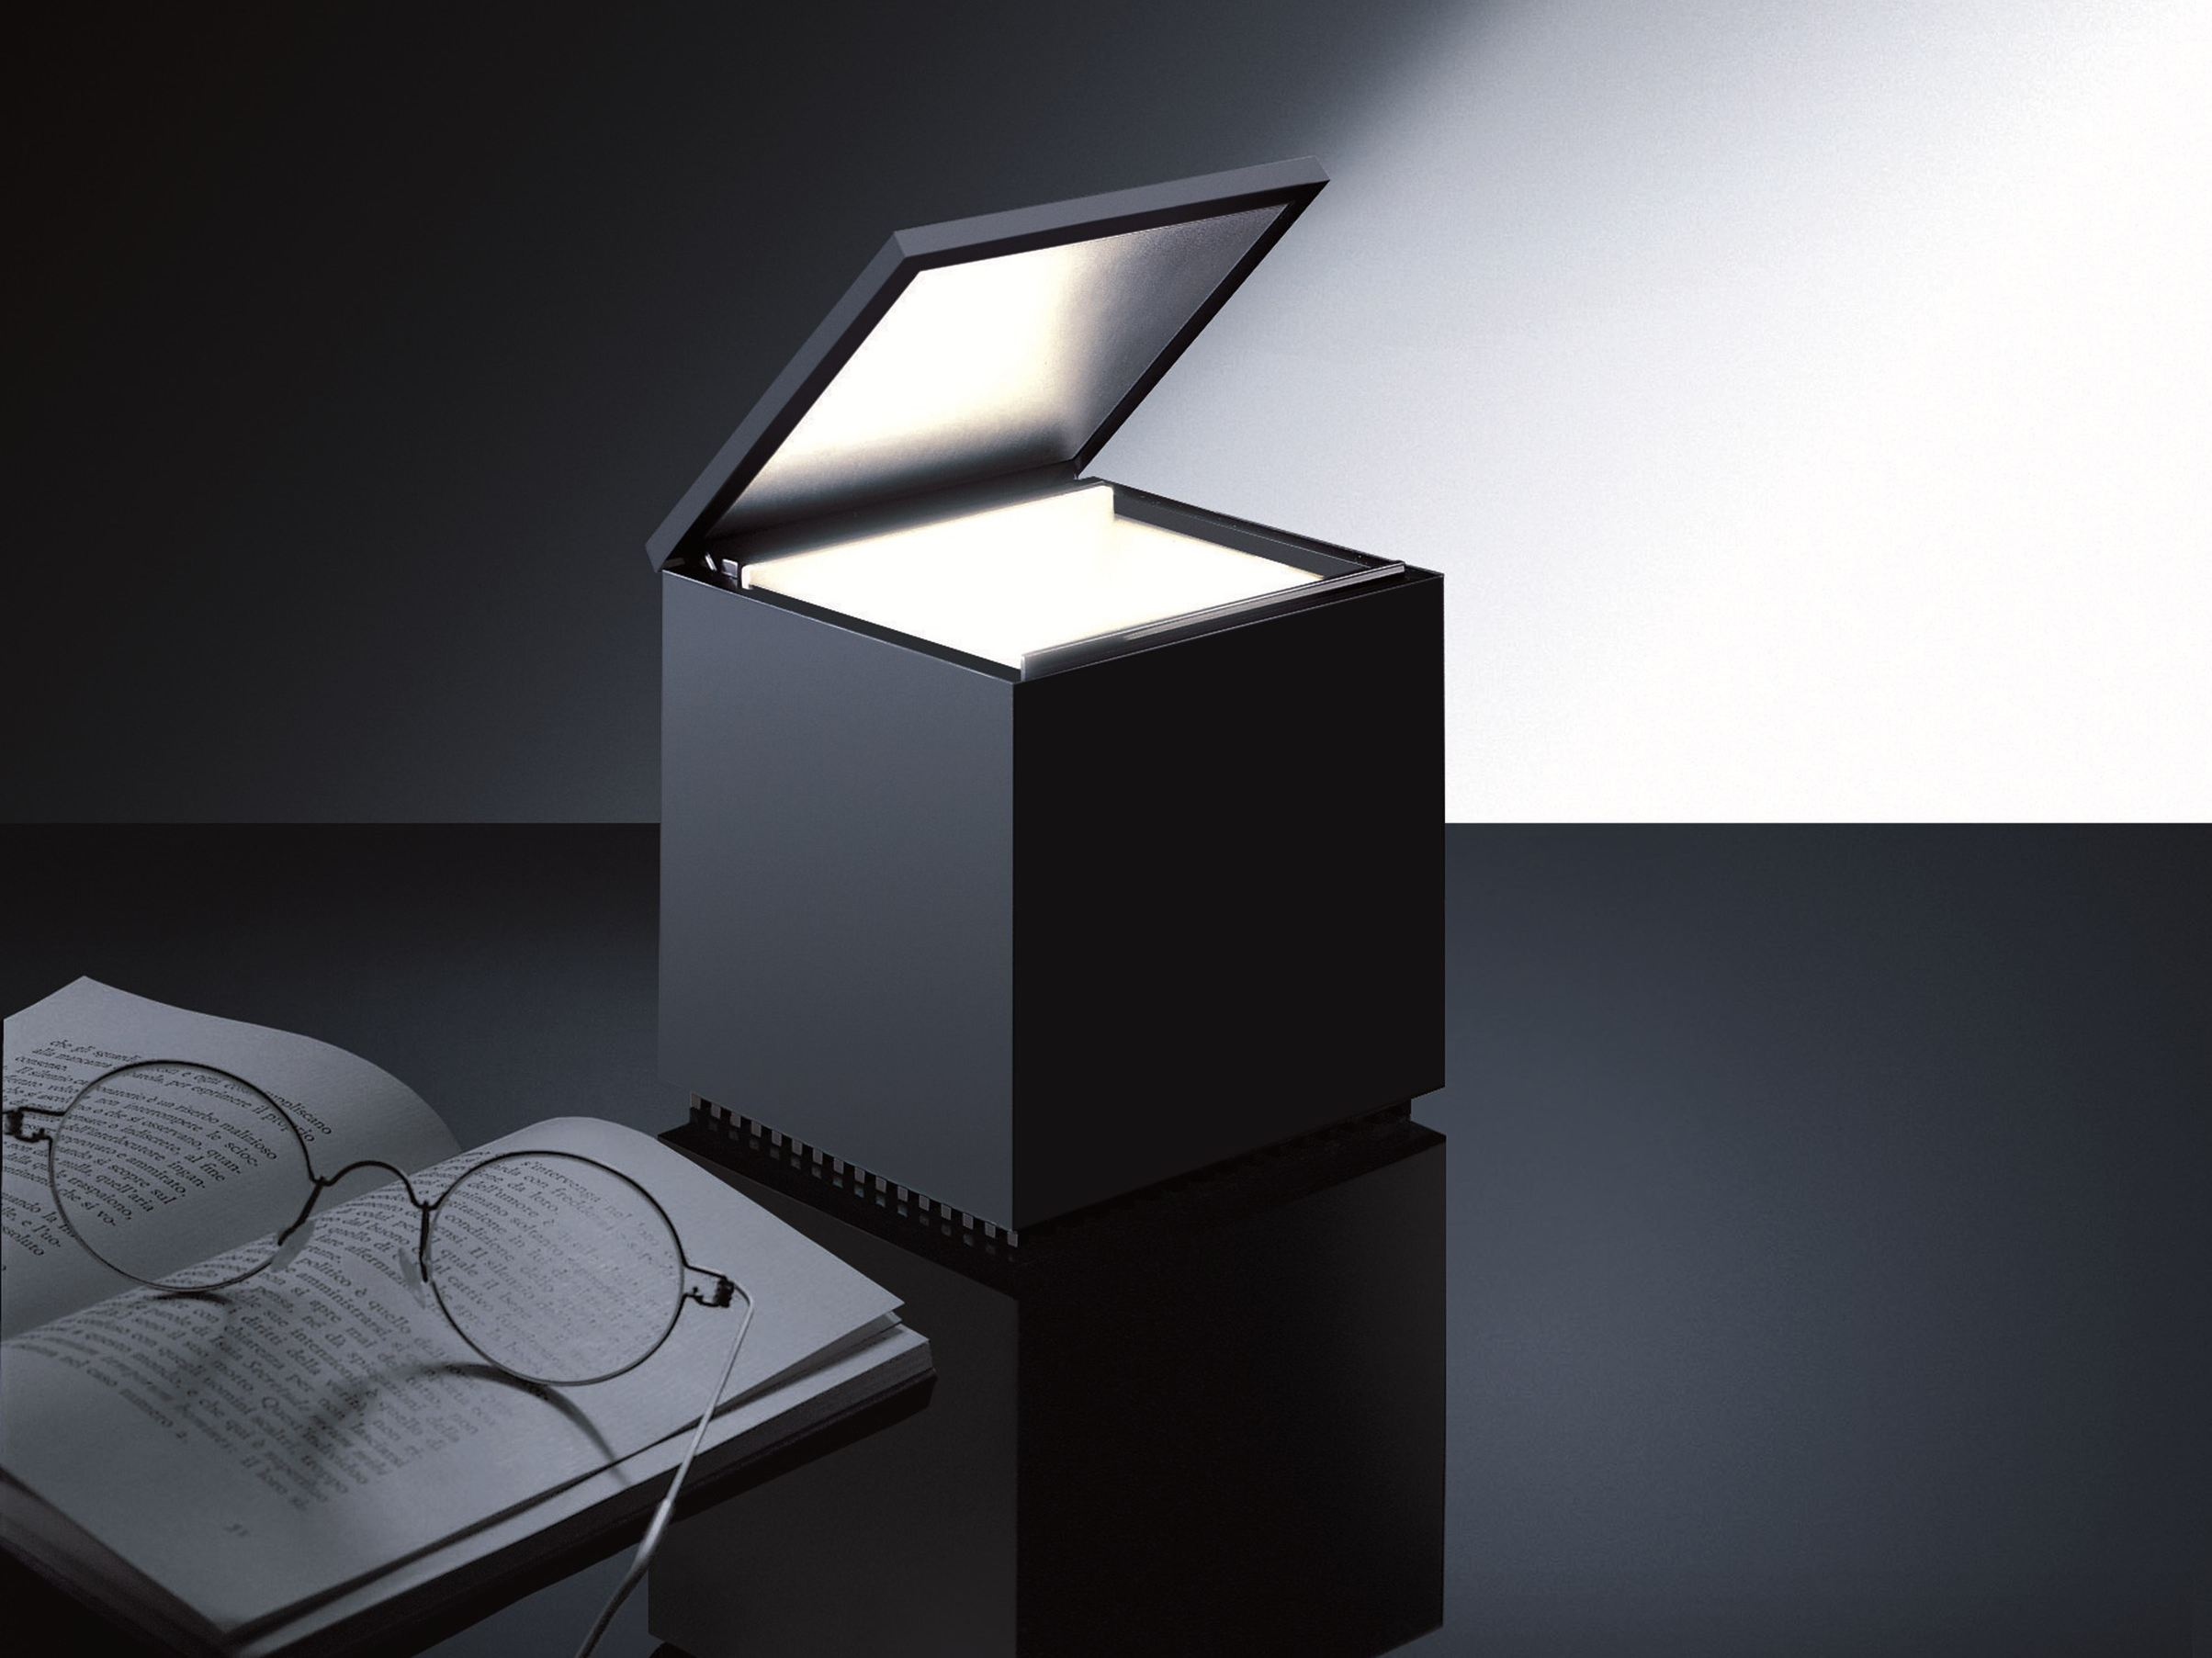 Lampade di design e illuminazione - Lampada comodino design ...